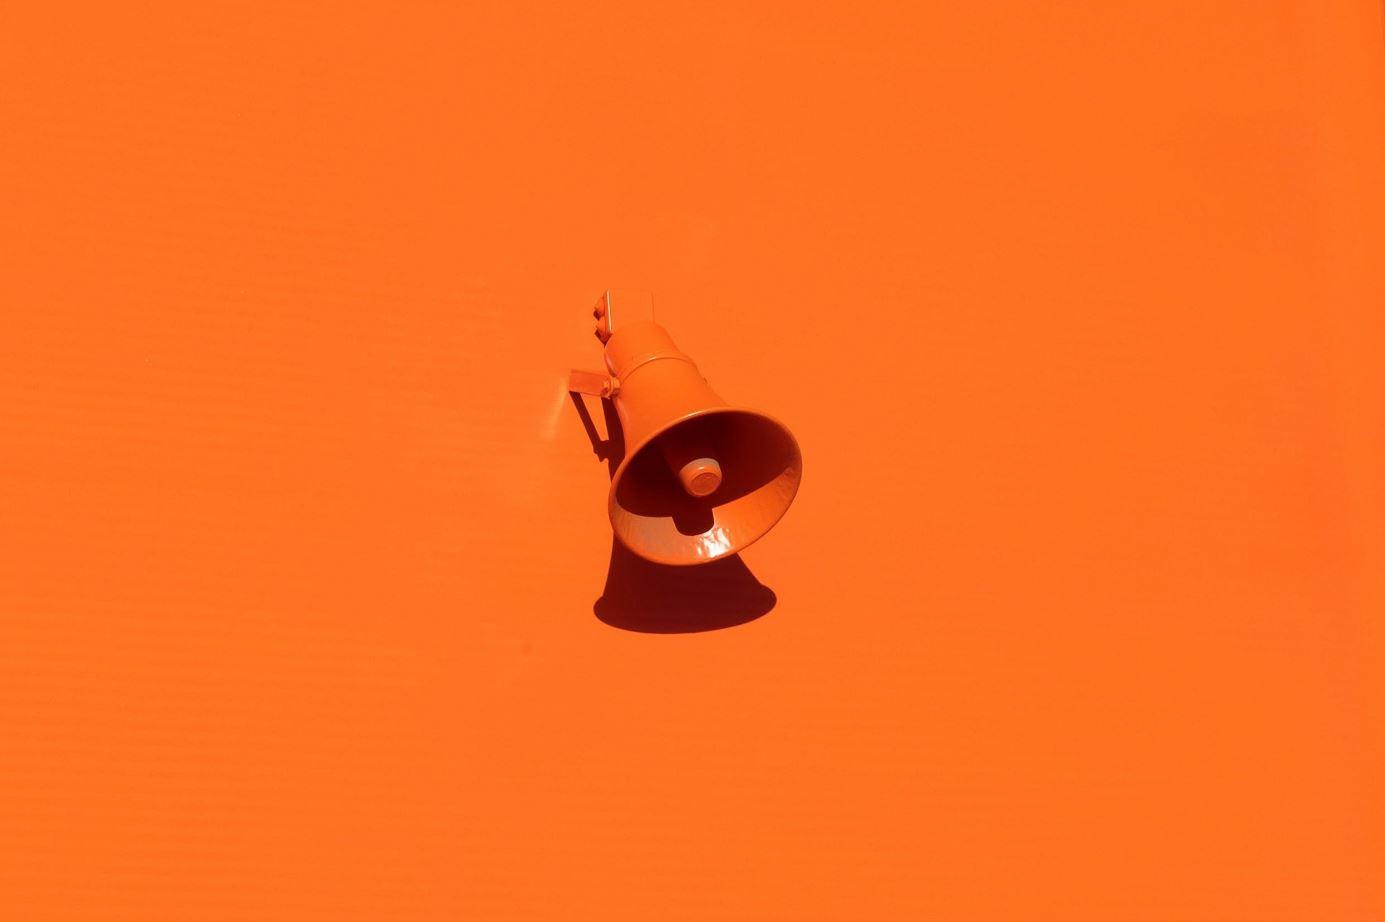 Orange wall and megaphone